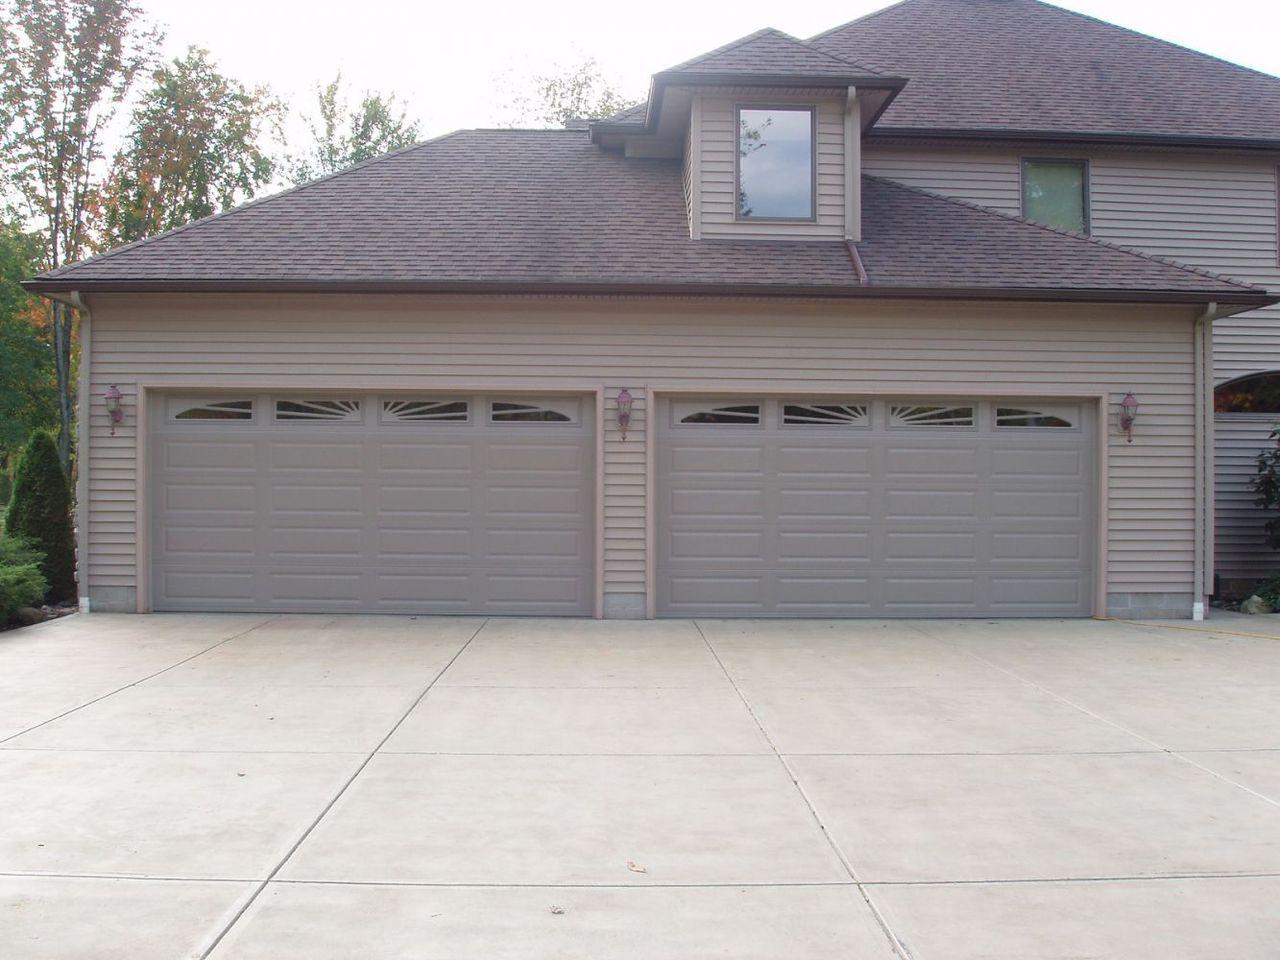 960 #566075 Garage Door Repair & Installation In Buena Vista PA Garage Door  save image Garage Doors Systems 35871280